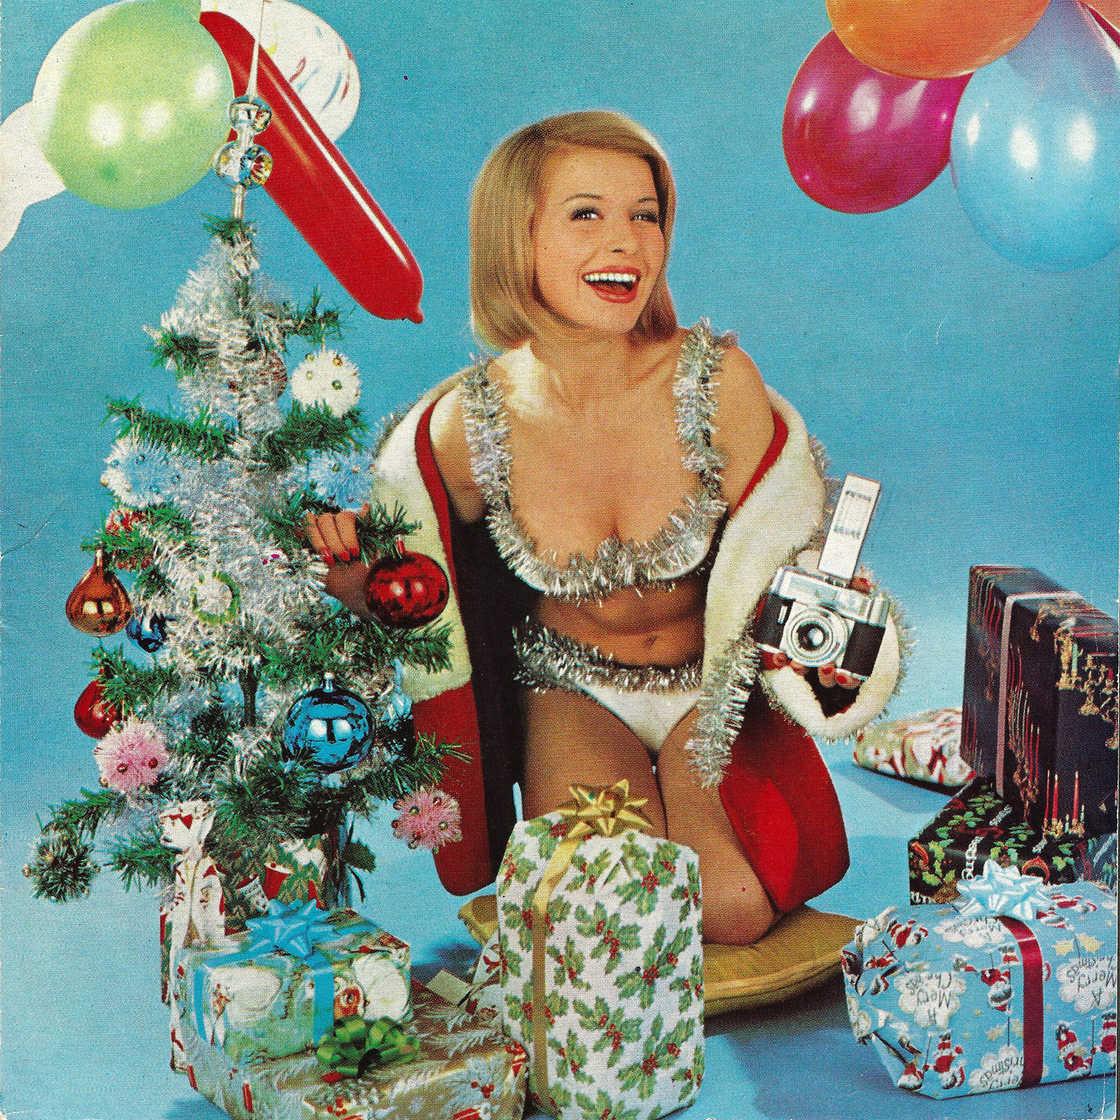 Półnagie modelki w świątecznych dekoracjach